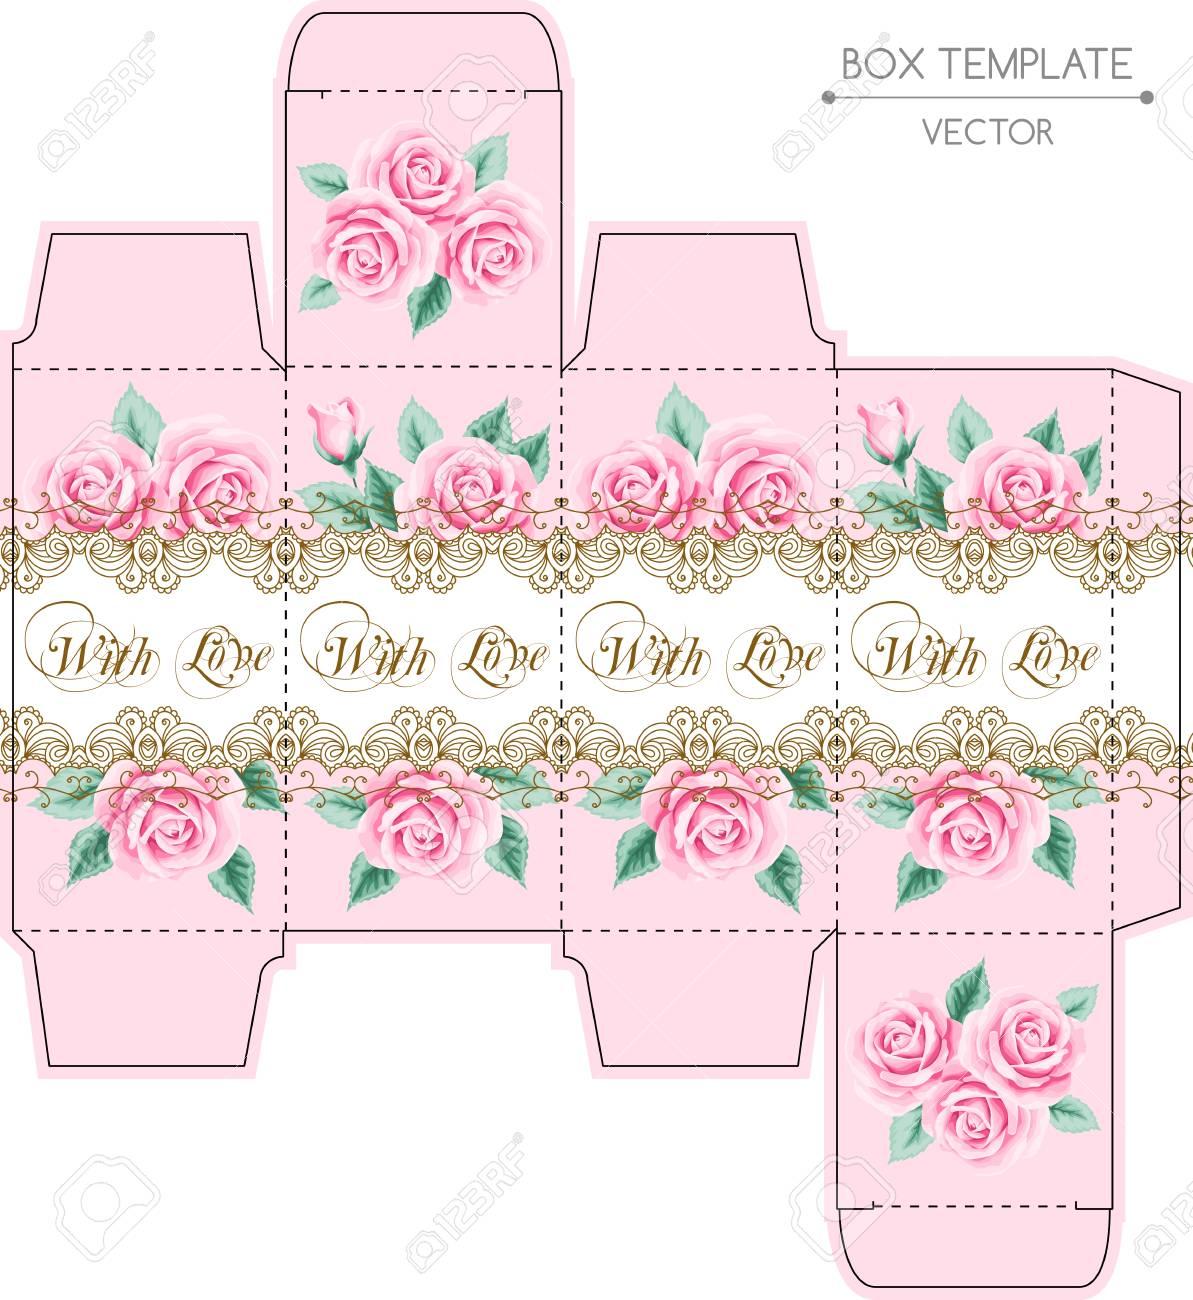 Diseño De La Caja De La Vendimia Con Las Rosas Y El Marco De Encaje ...